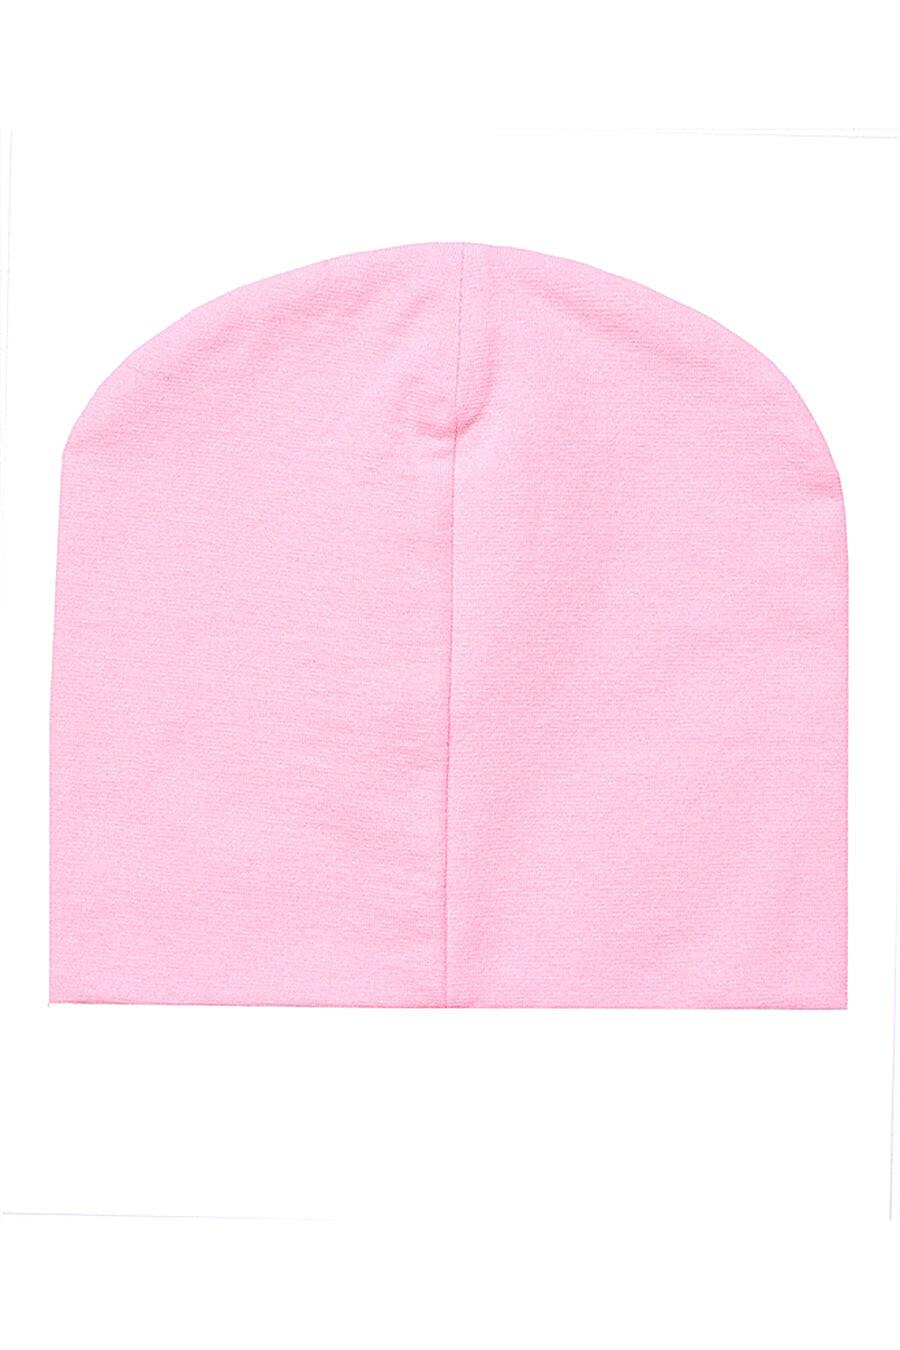 Шапка для девочек Archi 131075 купить оптом от производителя. Совместная покупка детской одежды в OptMoyo